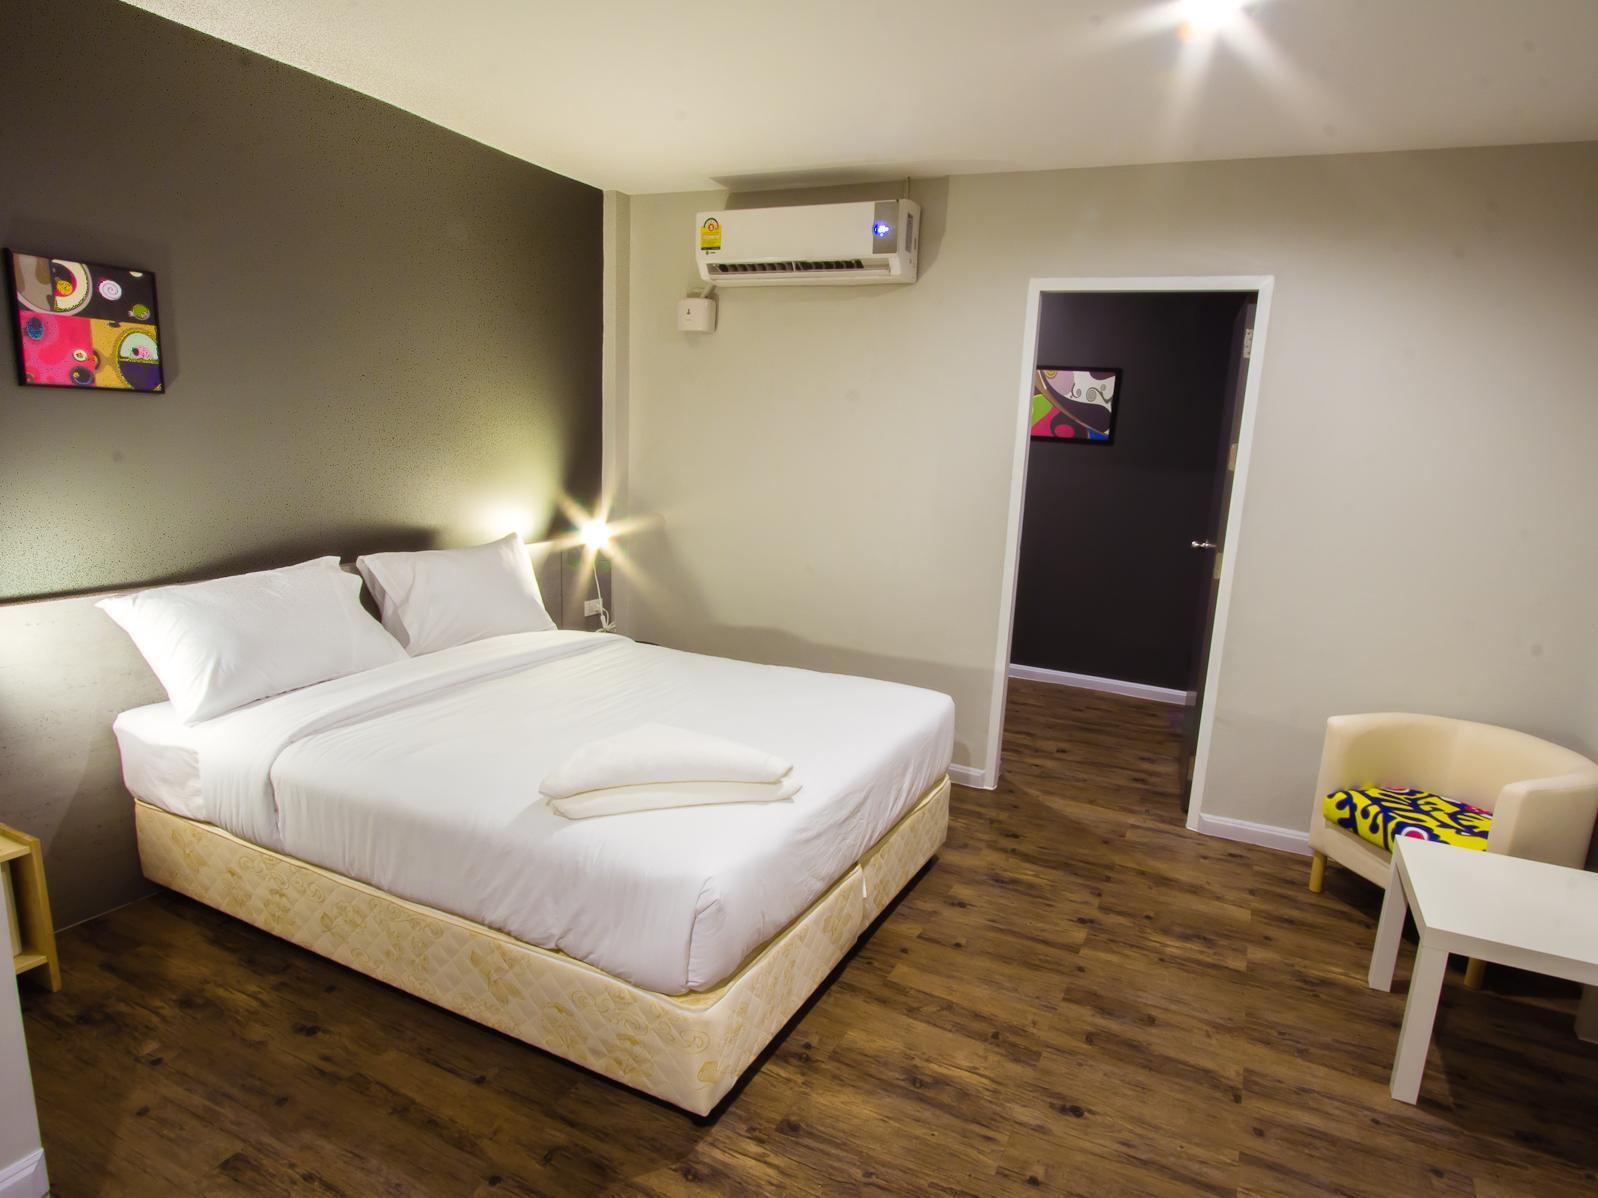 hotel bett